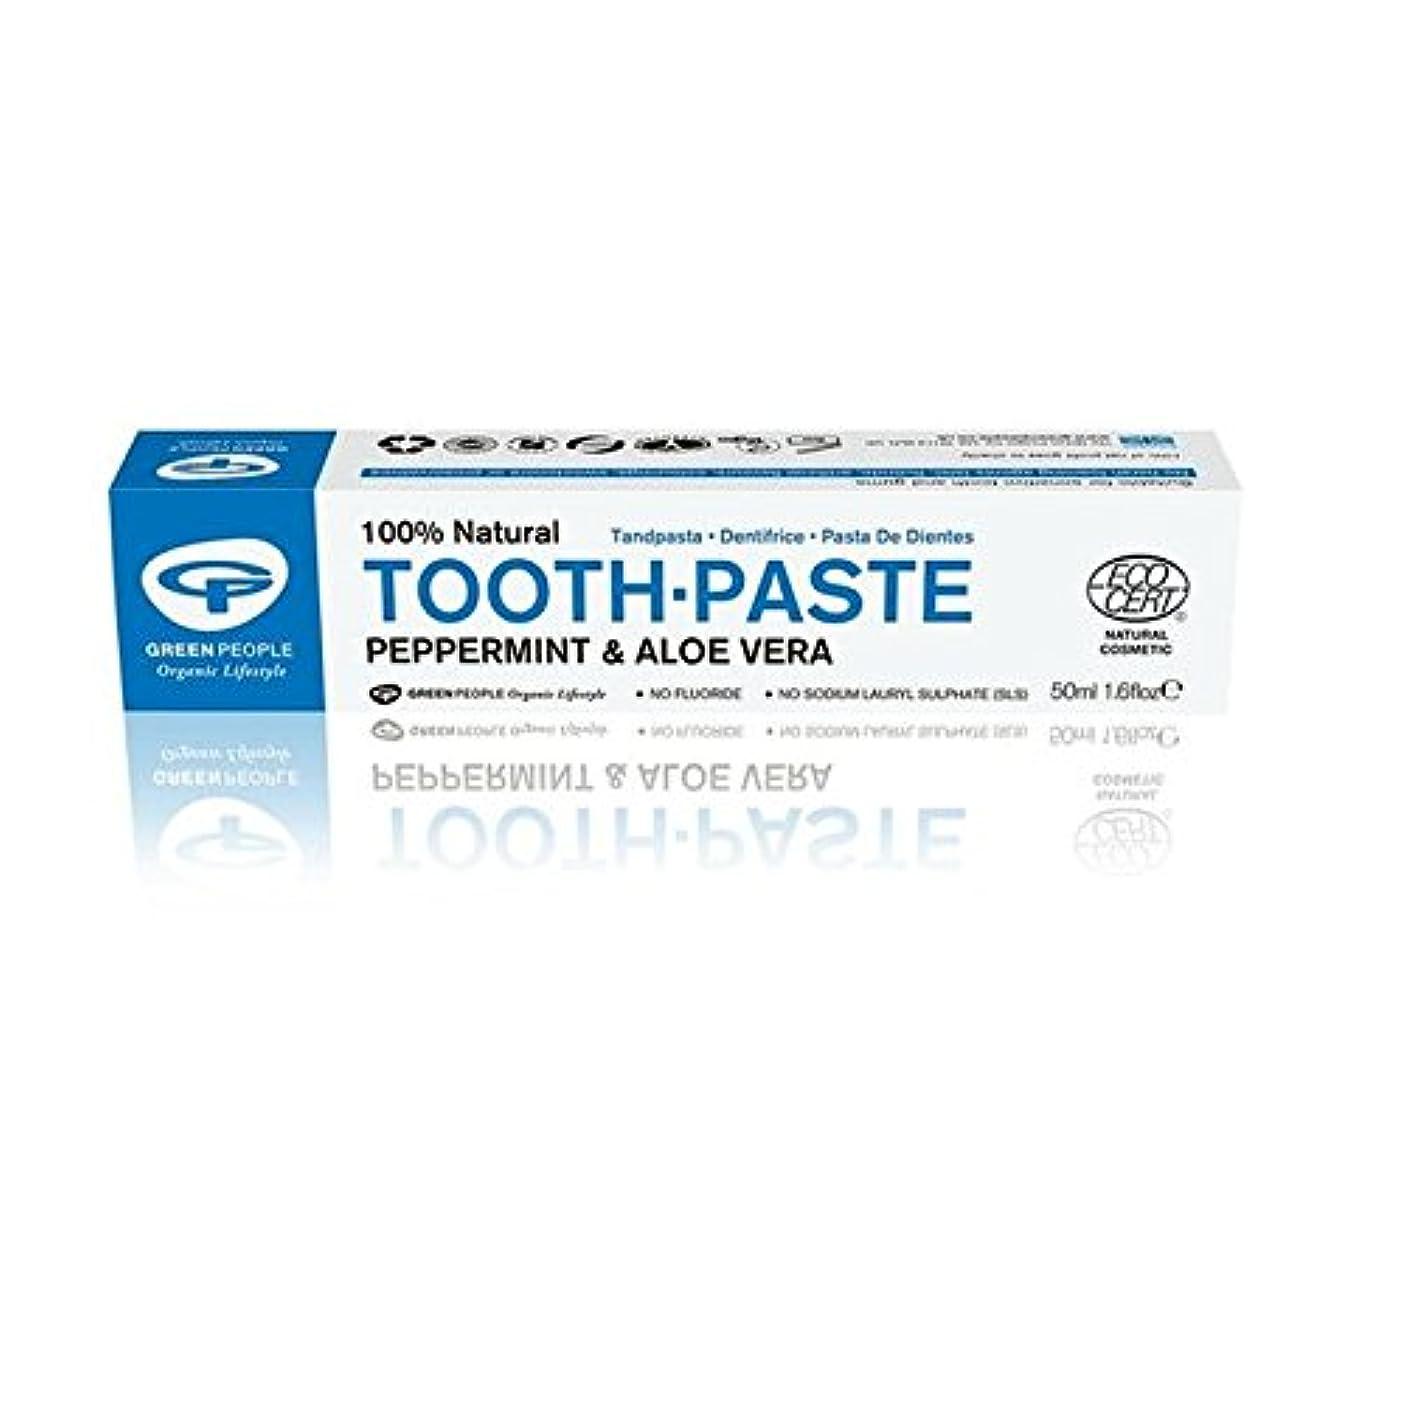 タフ昆虫ステーキ緑の人々の自然ミント歯磨き粉50ミリリットル x2 - Green People Natural Mint Toothpaste 50ml (Pack of 2) [並行輸入品]